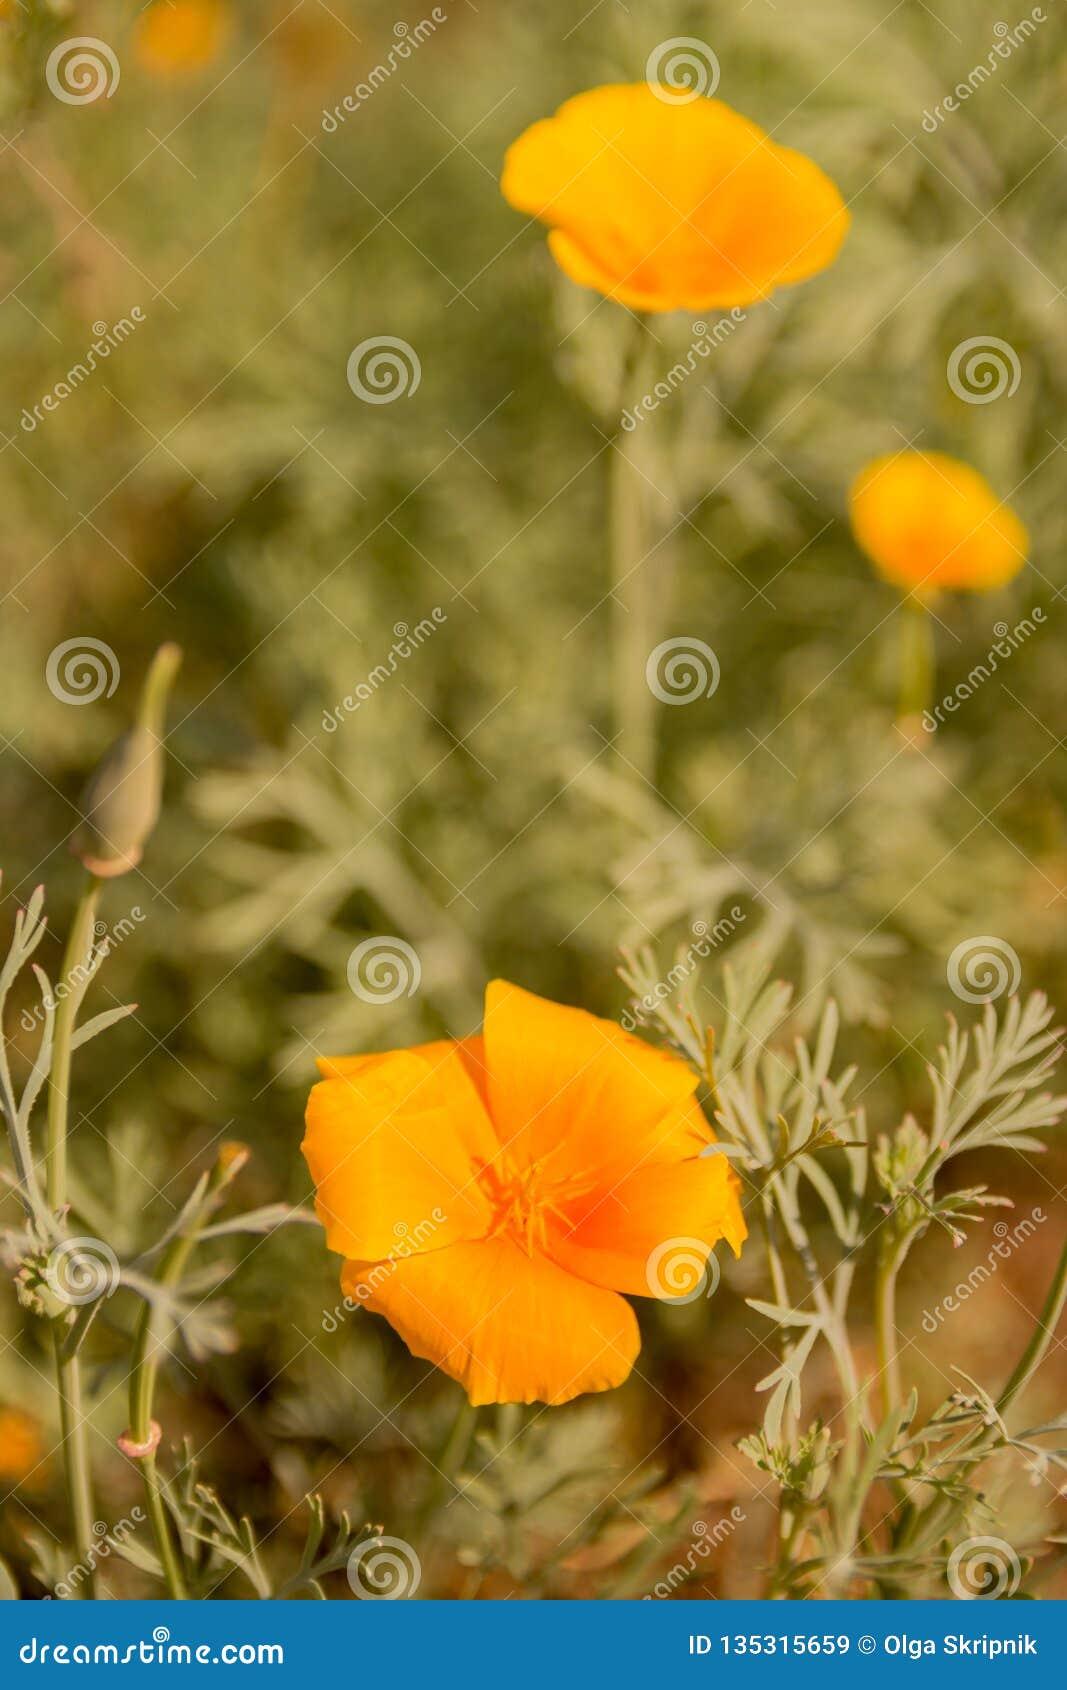 共同的歼击机杀死花五颜六色的花将开花,当暴露在阳光 并且花将回到景气在晚上